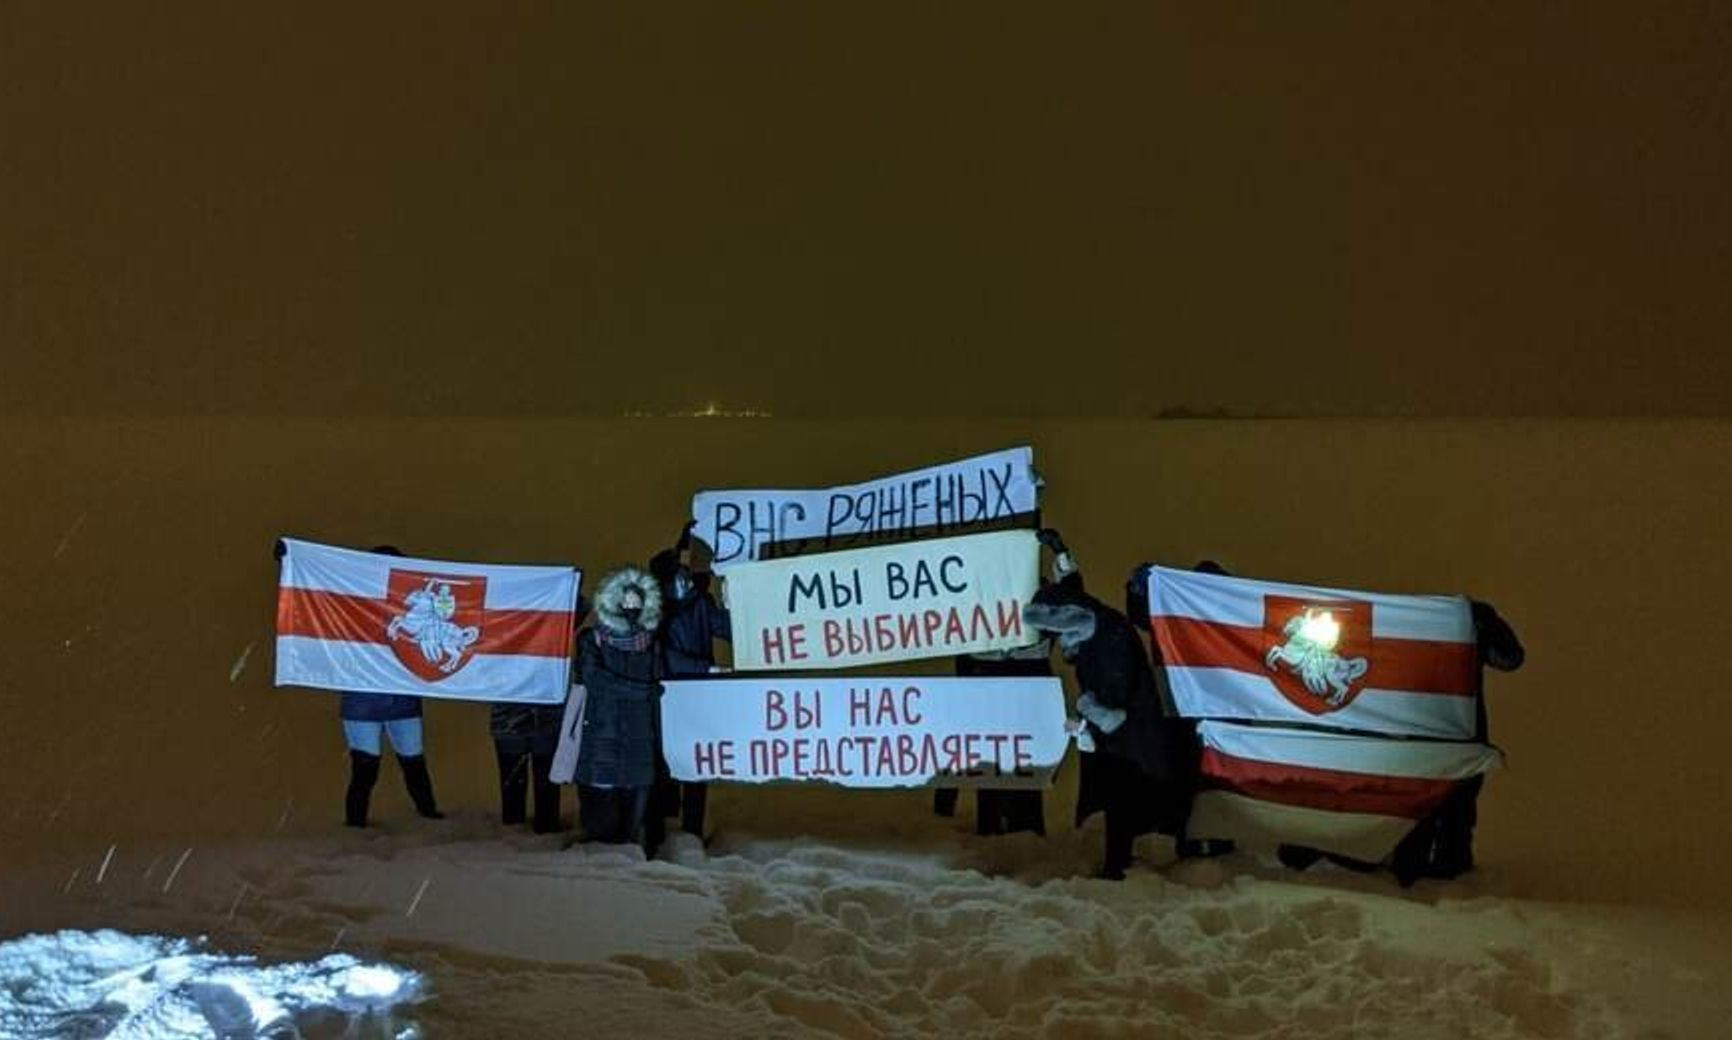 Акция протеста в ночь перед ВНС в Минском районе